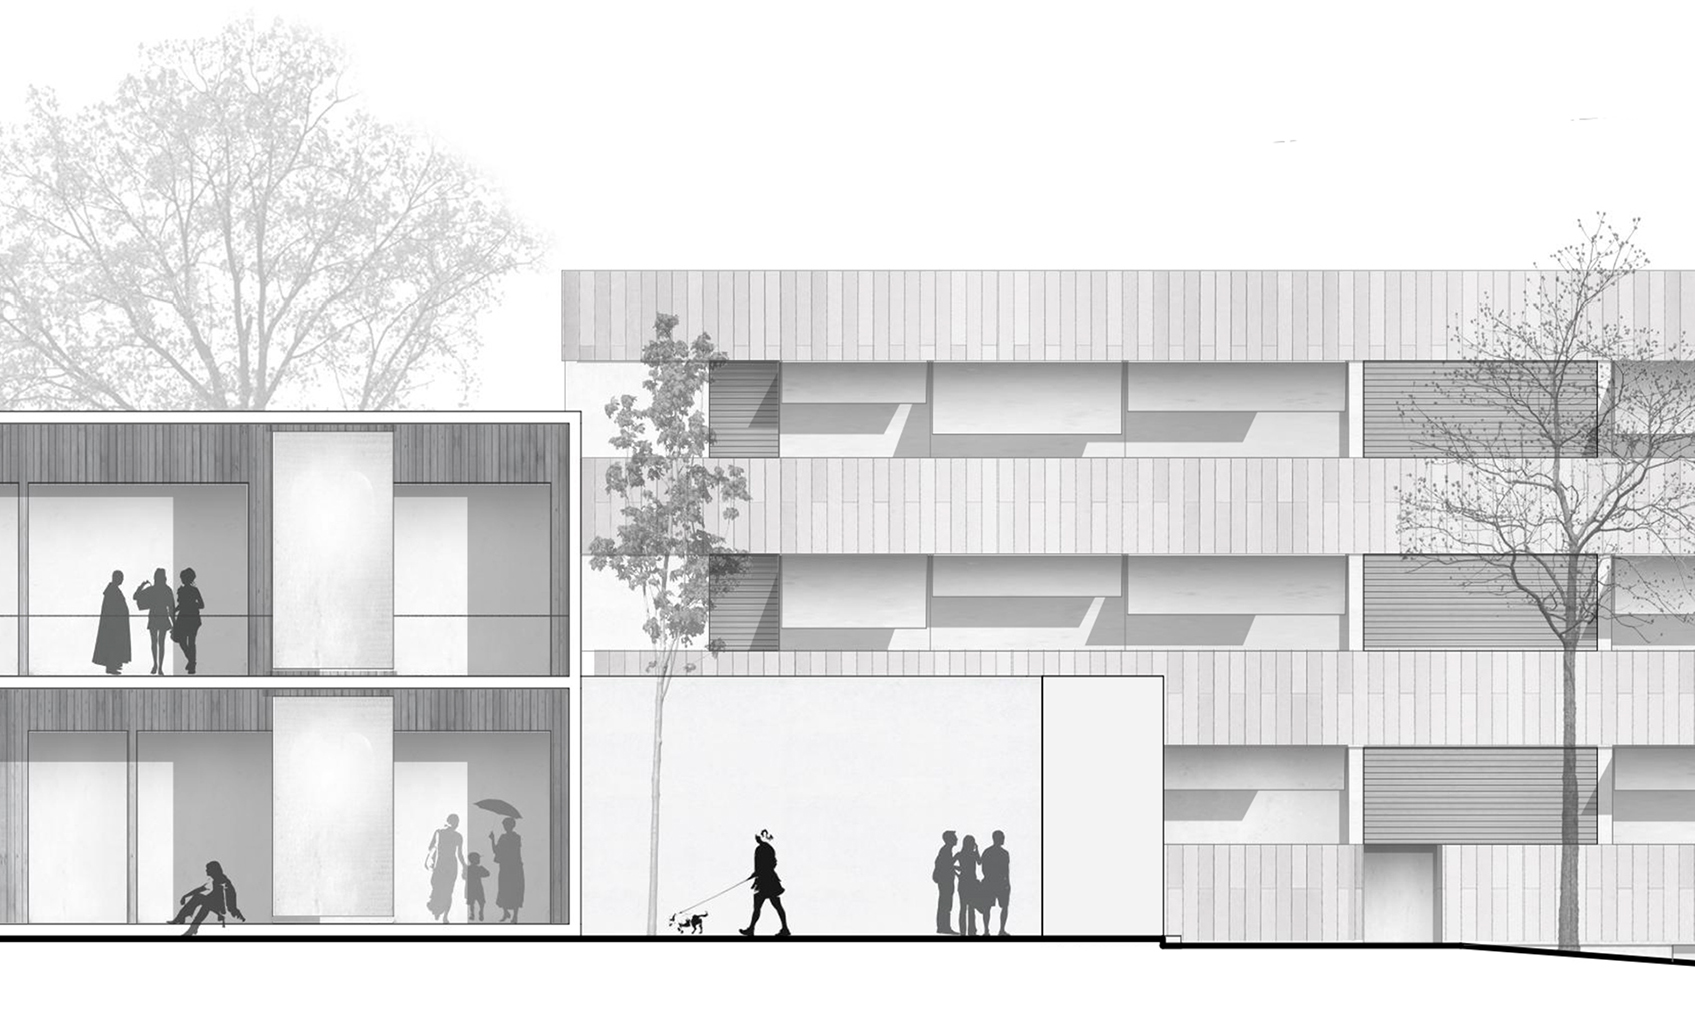 Ansicht Architektur ansicht ausschnitt parc architekten